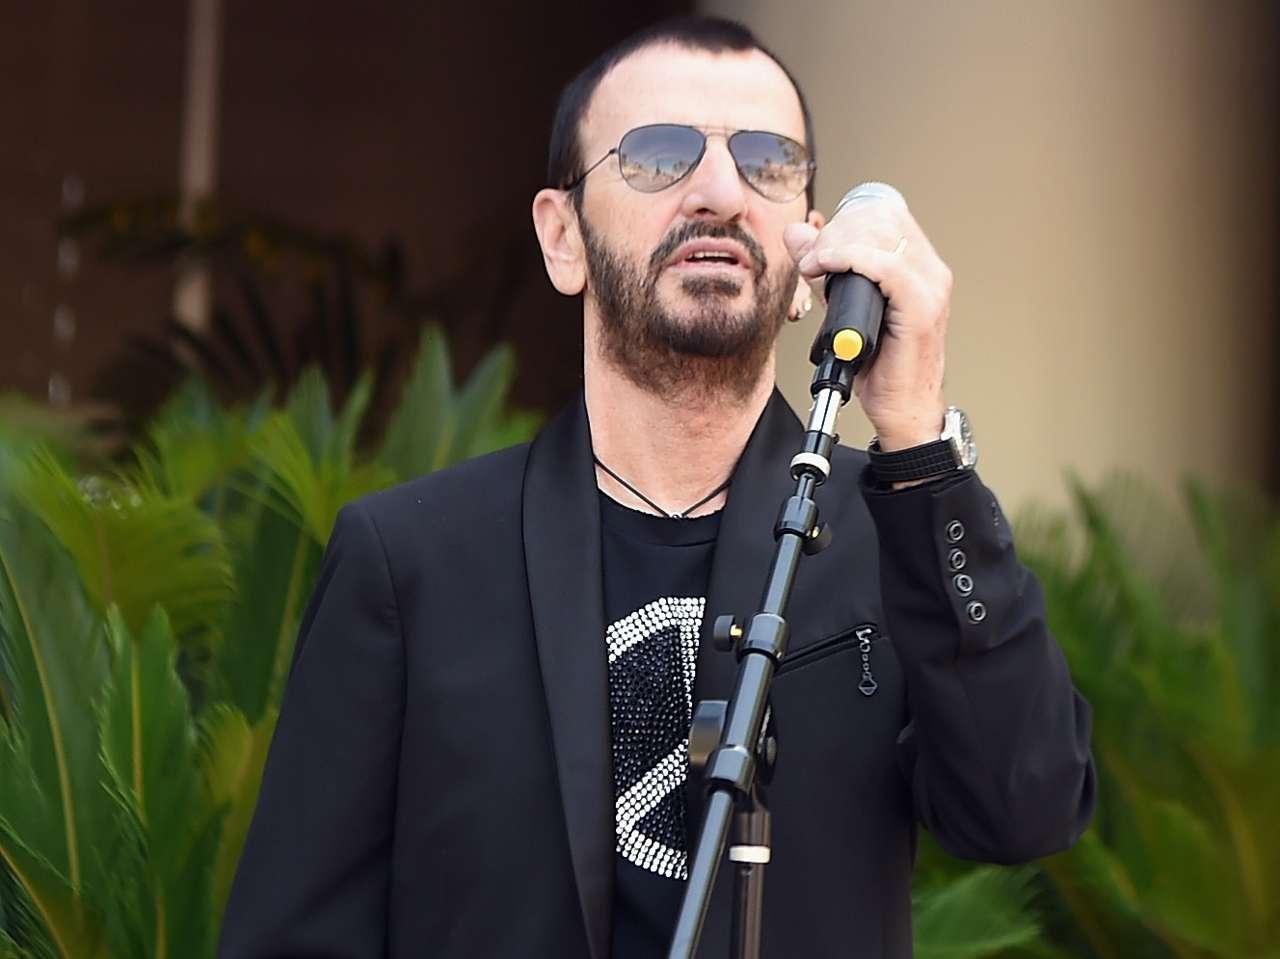 La presentación de Ringo Starr coincide con El Año del Reino Unido en México. Foto: Getty Images